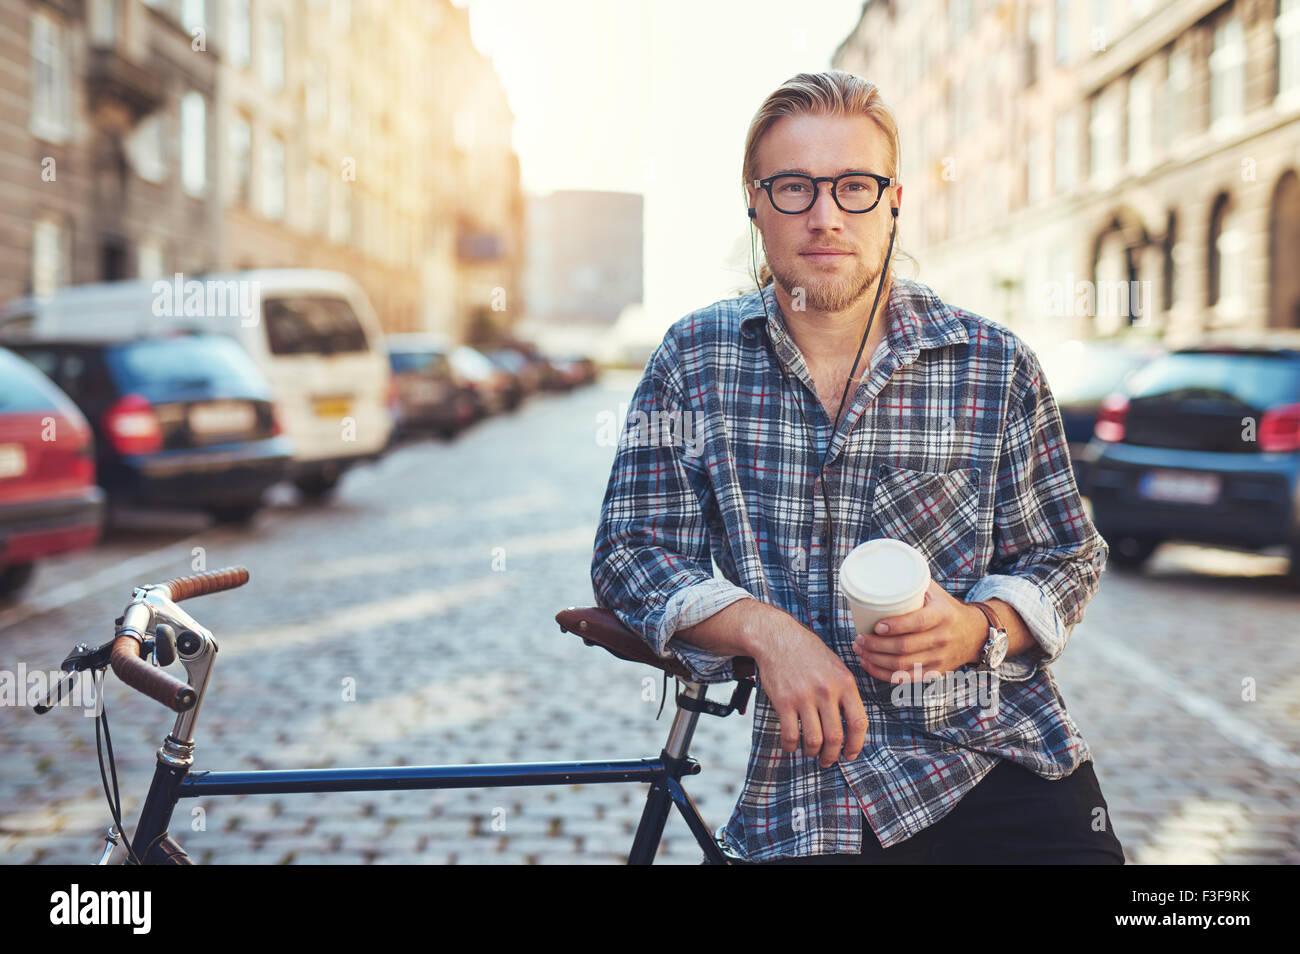 Raffreddare un uomo guarda la fotocamera. Lo stile di vita della città per godersi la vita in città Immagini Stock